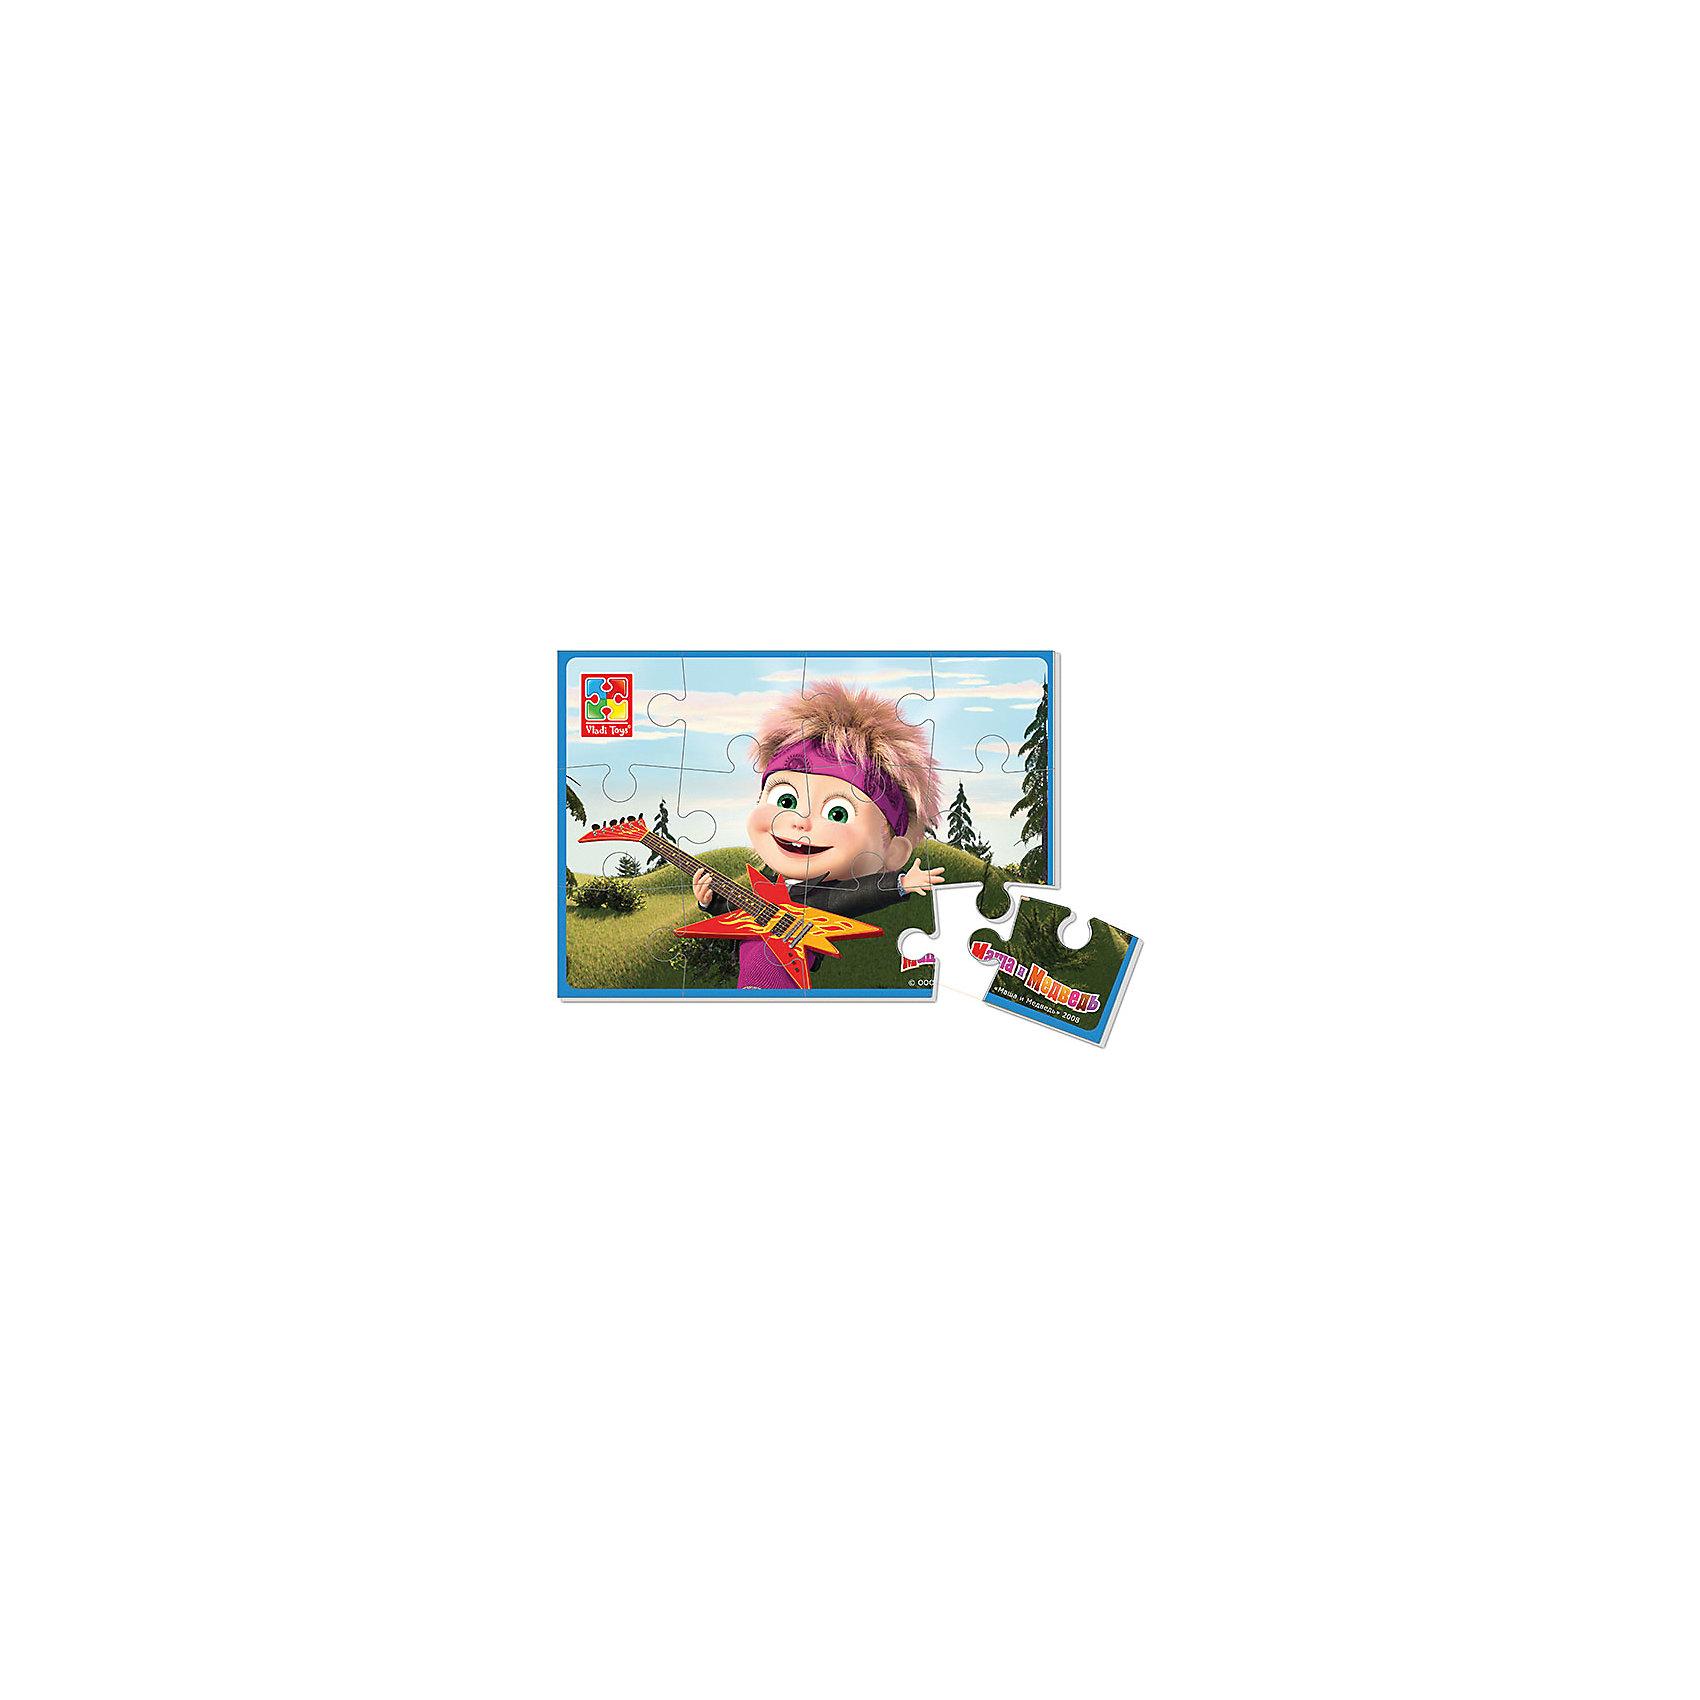 Мягкие пазлы А5 Маша с гитарой, Маша и Медведь, Vladi ToysХарактеристики:<br><br>• Вид игр: развивающие<br>• Серия: пазлы-картинки<br>• Пол: универсальный<br>• Материал: полимер, картон<br>• Цвет: розовый, красный, зеленый и др.<br>• Комплектация: 1 пазл из 12-ти элементов<br>• Размеры (Д*Ш*В): 18*4*28,5 см<br>• Тип упаковки: картонная коробка<br>• Вес: 20 г<br><br>Мягкие пазлы А5 Маша с гитарой, Маша и Медведь, производителем которых является компания, специализирующаяся на выпуске развивающих игр, давно уже стали популярными среди аналогичной продукции. Мягкие пазлы – идеальное решение для развивающих занятий с самыми маленькими детьми, так как они разделены на большие элементы с крупными изображениями, чаще всего в качестве картинок используются герои популярных мультсериалов. Самое важное в пазле для малышей – это минимум деталей и безопасность элементов. Все используемые в производстве материалы являются экологически безопасными, не вызывают аллергии, не имеют запаха. Пазл Маша с гитарой, Маша и Медведь представляет собой сюжетную картинку размером А5, которая состоит из 12-и крупных элементов с изображением сюжета из мультфильма Маша и медведь. <br>Занятия с мягкими пазлами от Vladi Toys способствуют развитию не только мелкой моторики, но и внимательности, усидчивости, терпению при достижении цели. Кроме того, по собранной картинке можно составлять рассказ, что позволит развивать речевые навыки, память и воображение.<br><br>Мягкие пазлы А5 Маша с гитарой, Маша и Медведь можно купить в нашем интернет-магазине.<br><br>Ширина мм: 180<br>Глубина мм: 4<br>Высота мм: 285<br>Вес г: 20<br>Возраст от месяцев: 24<br>Возраст до месяцев: 60<br>Пол: Унисекс<br>Возраст: Детский<br>SKU: 5136073